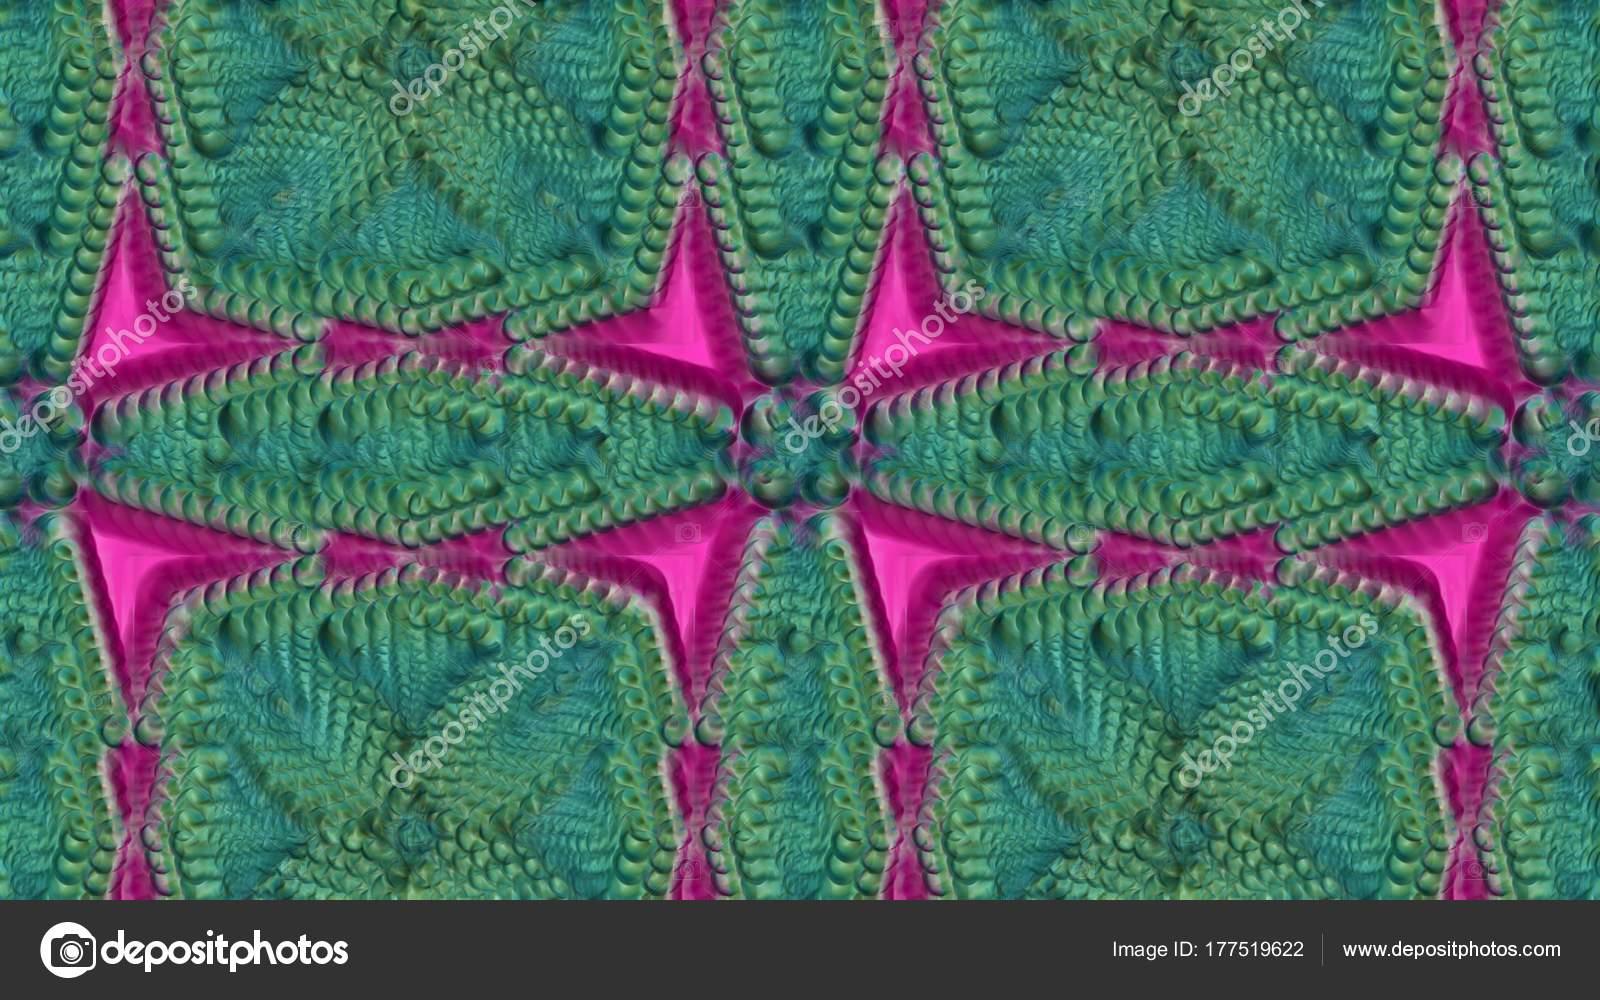 45ee772a2d9c Πολύχρωμη αφηρημένη συμμετρικό θάμπωμα του φόντου για εκτύπωση σε ρούχα και  υφάσματα — Φωτογραφία Αρχείου